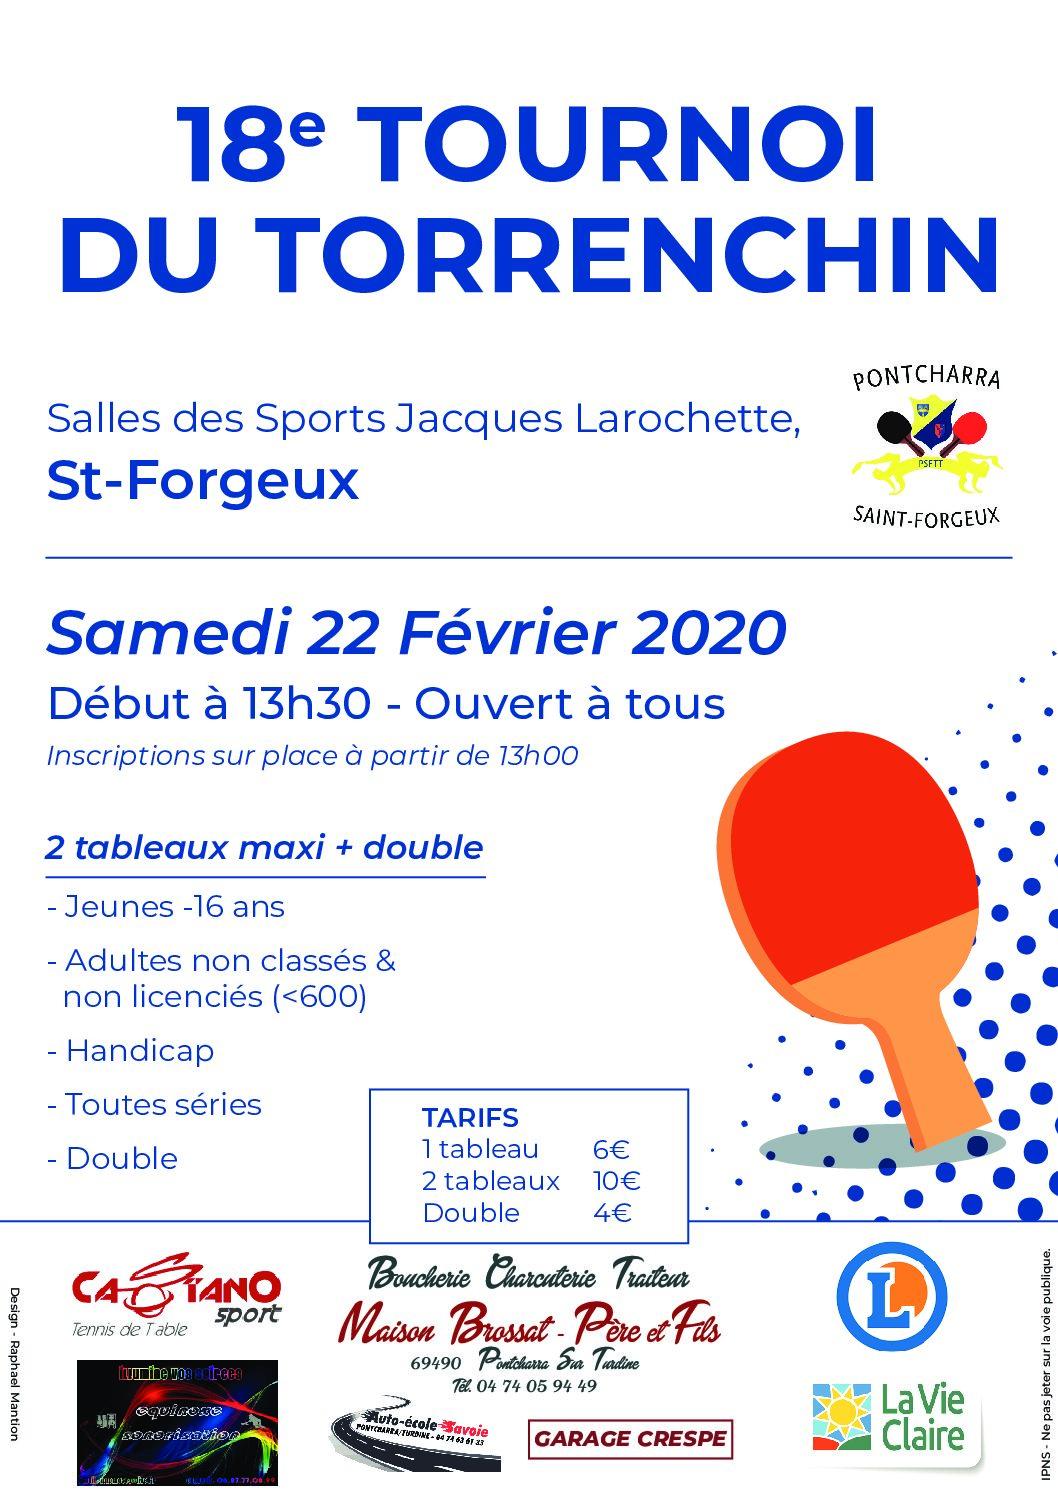 Samedi 22 février 2020 : 18ème Tournoi du Torrenchin à St Forgeux